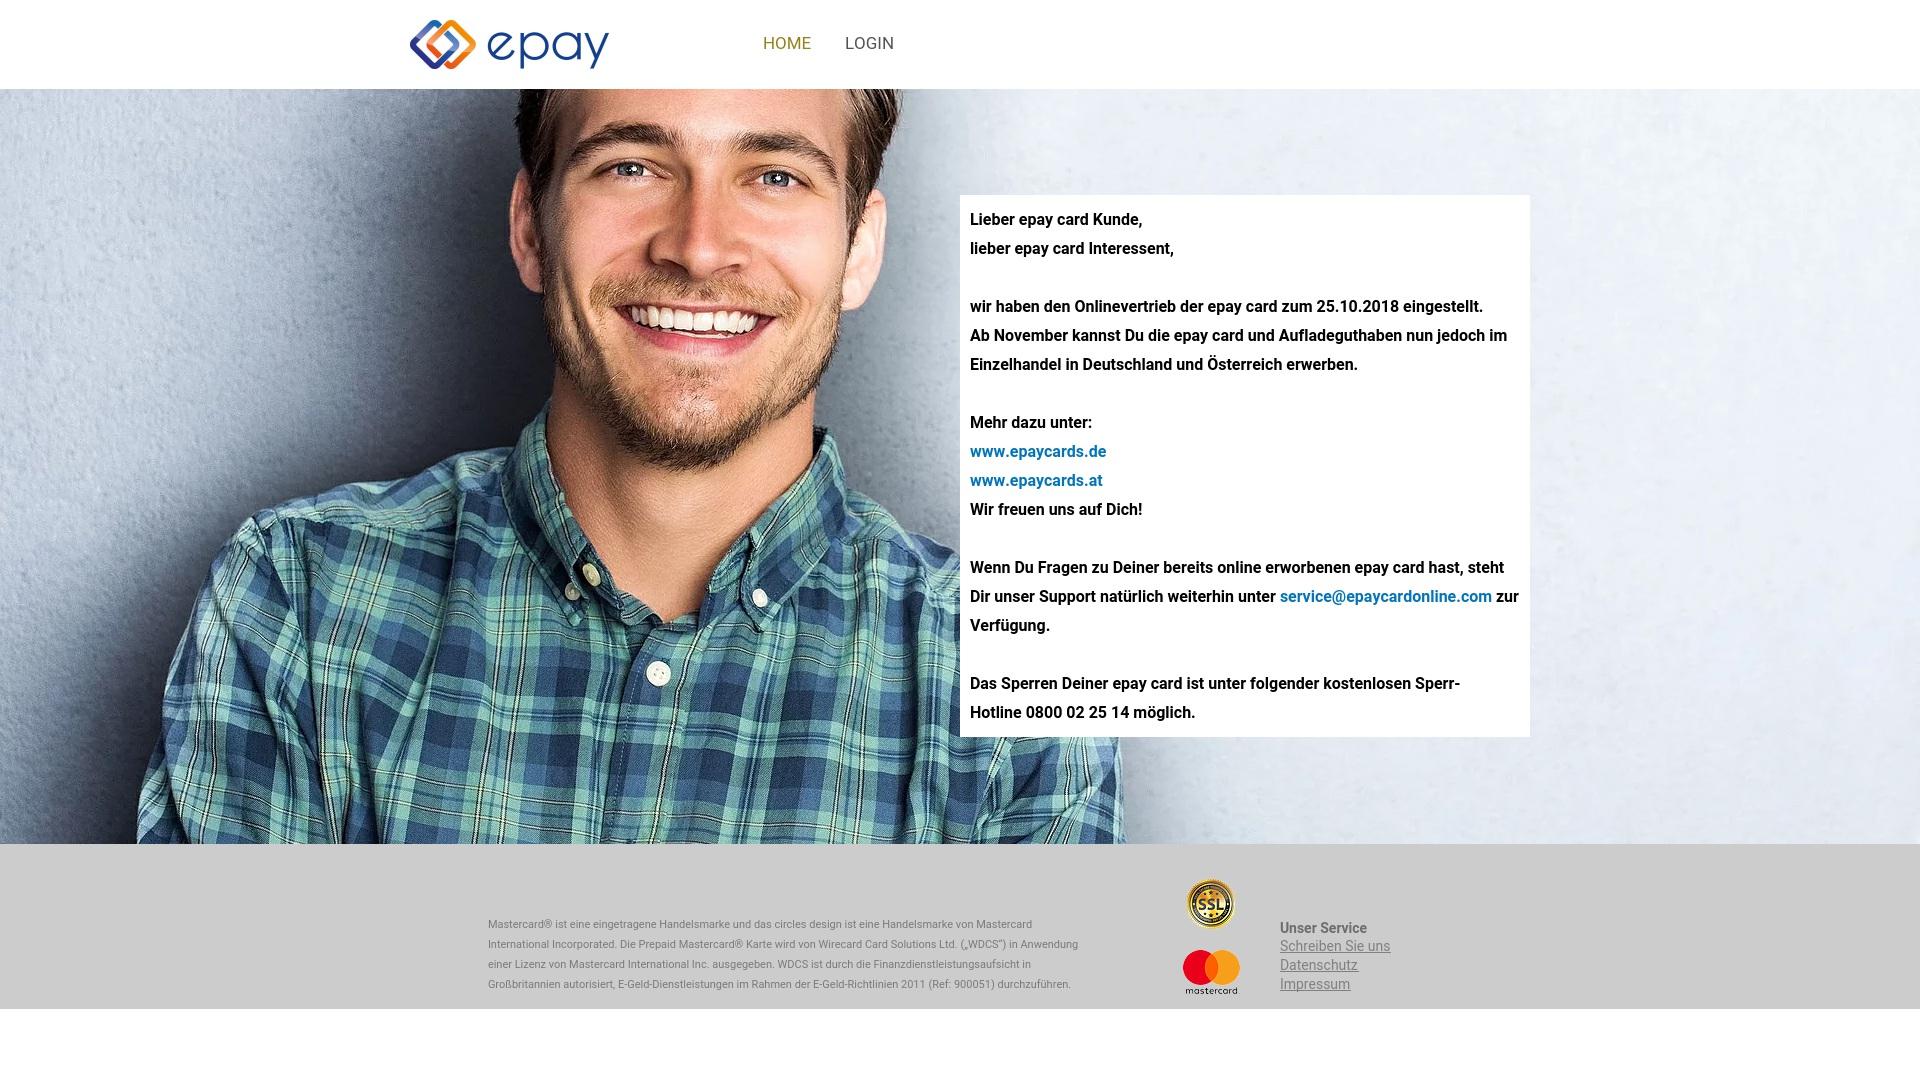 Gutschein für Epaycardonline: Rabatte für  Epaycardonline sichern